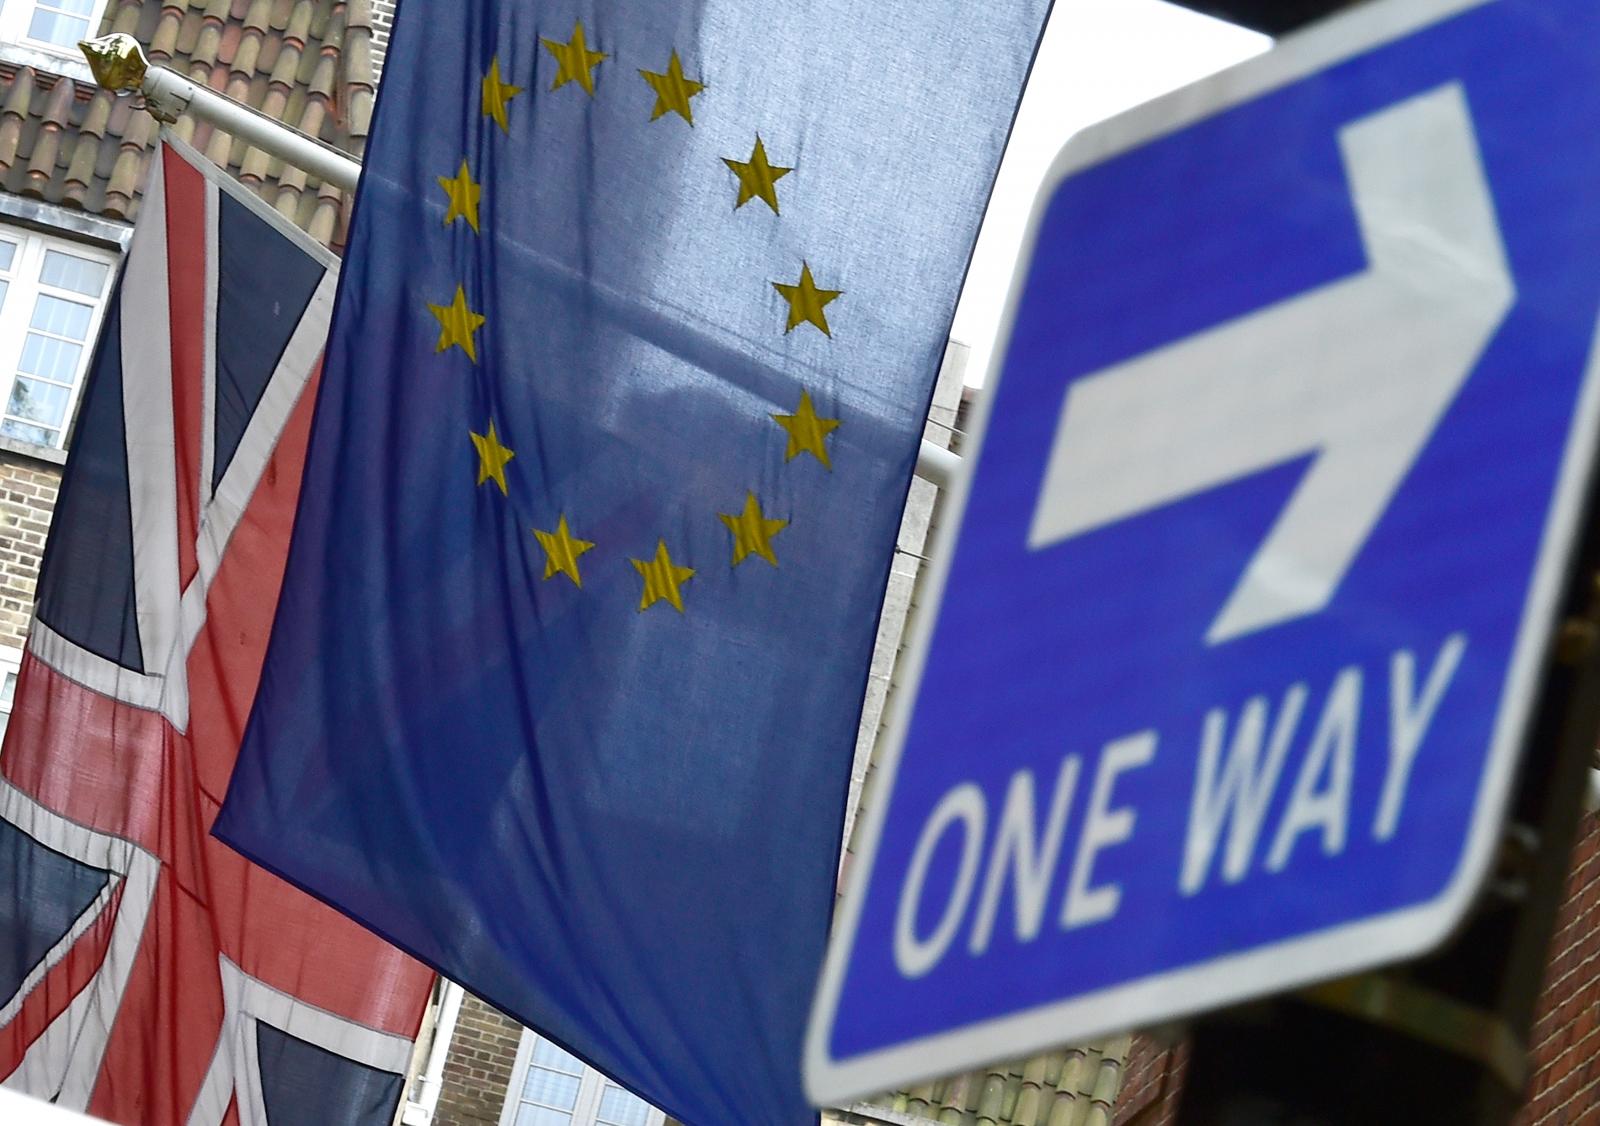 Eu Referendum: British and EU Flags